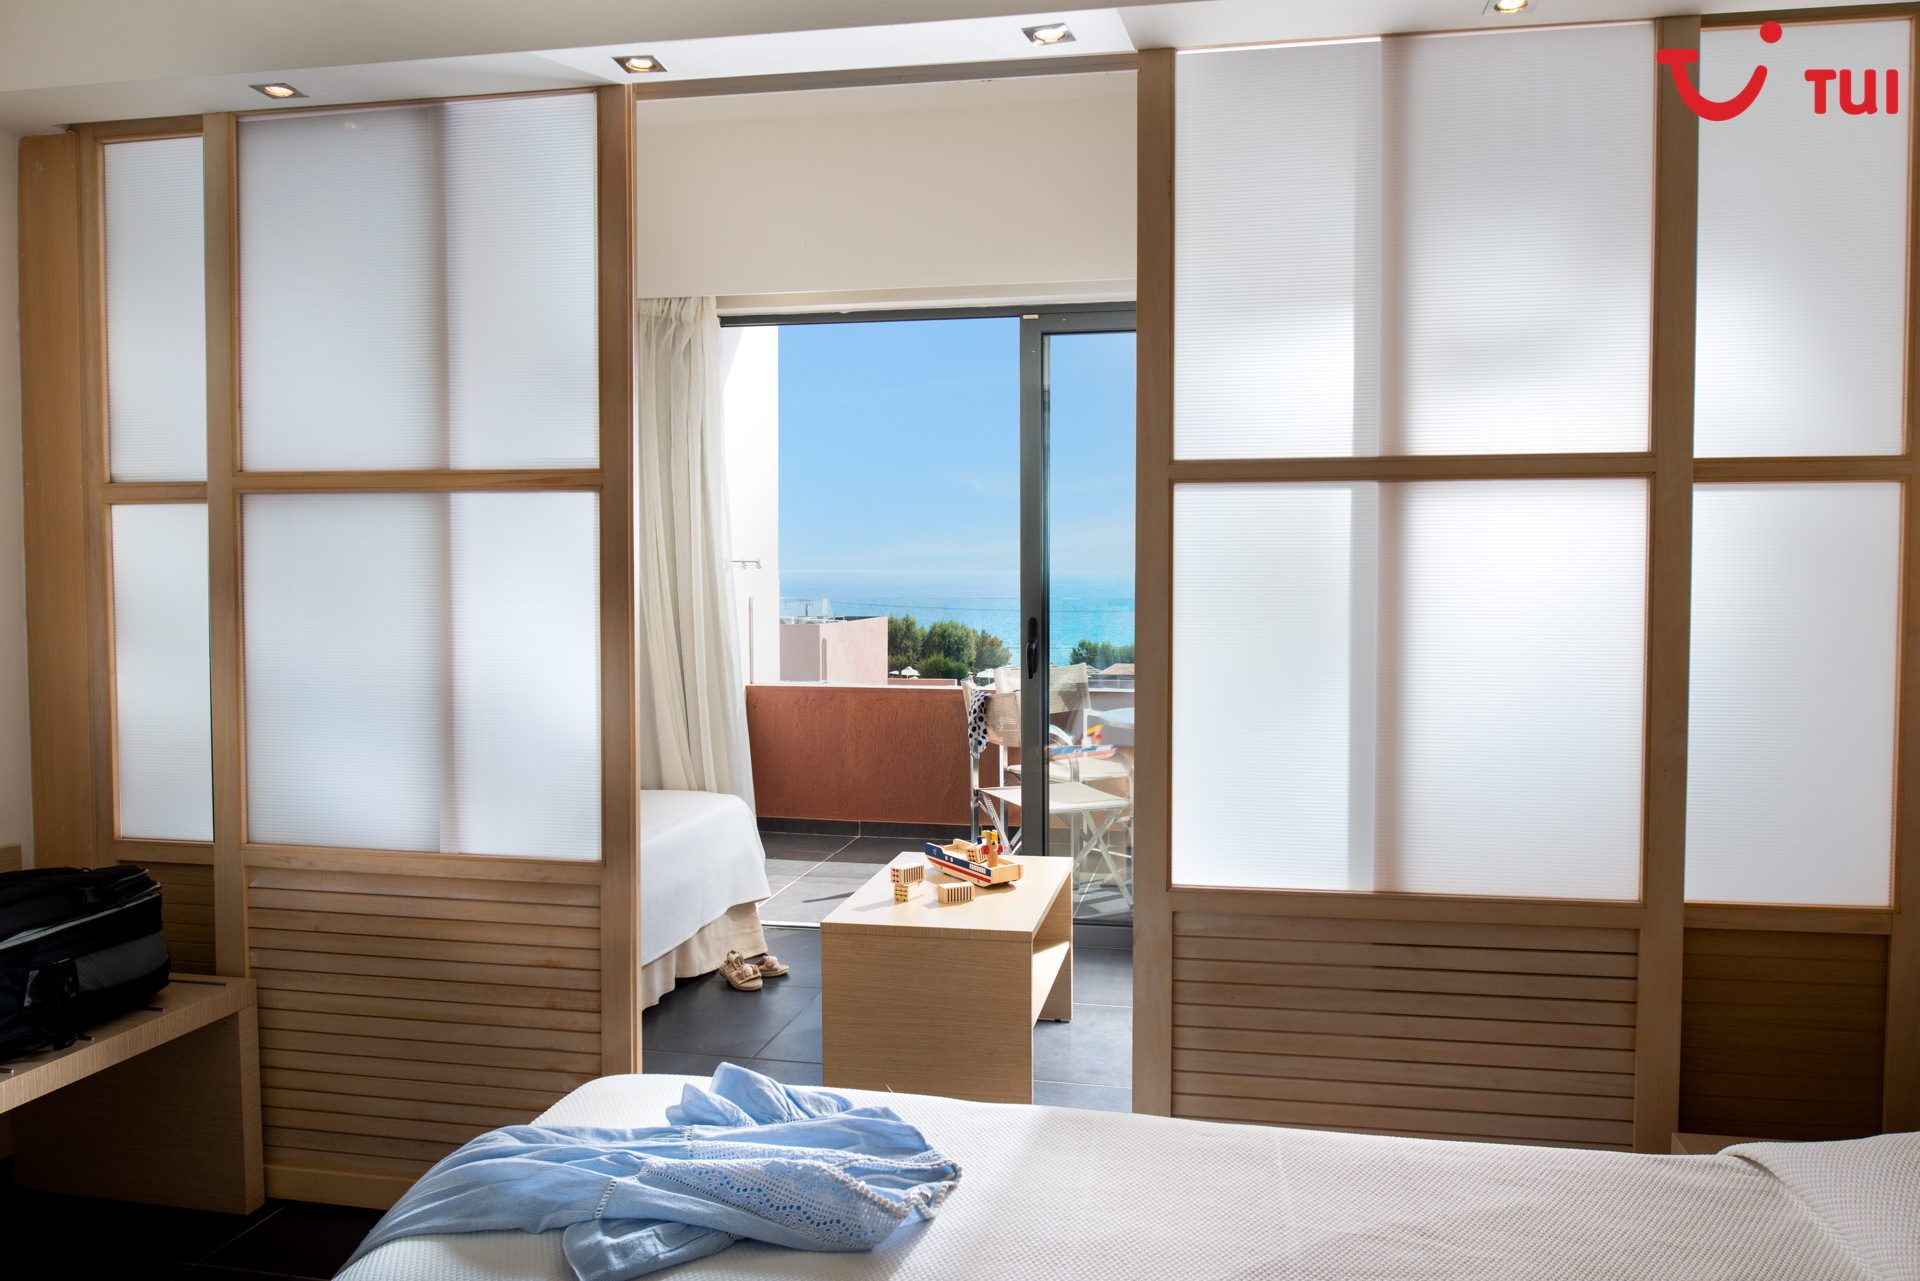 Tui best family Mikri Poli Kos hotel room